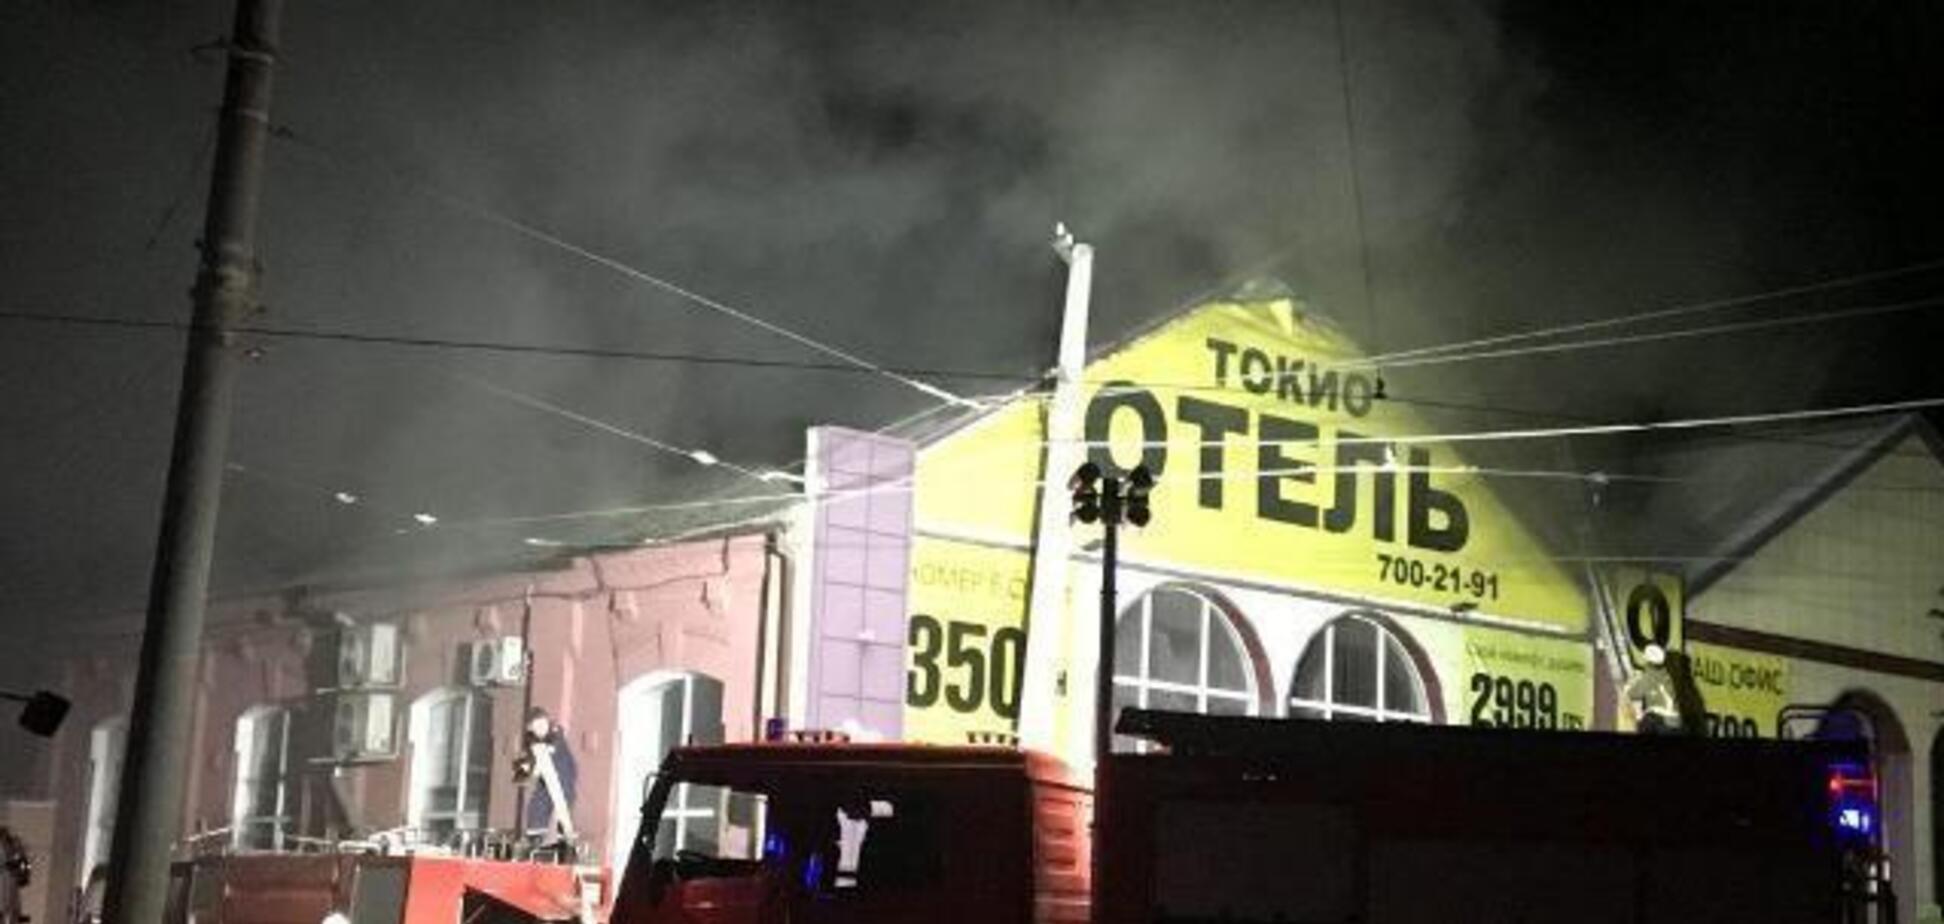 'Больше не вернусь в Украину': смертельный пожар в Одессе напугал иностранных туристов